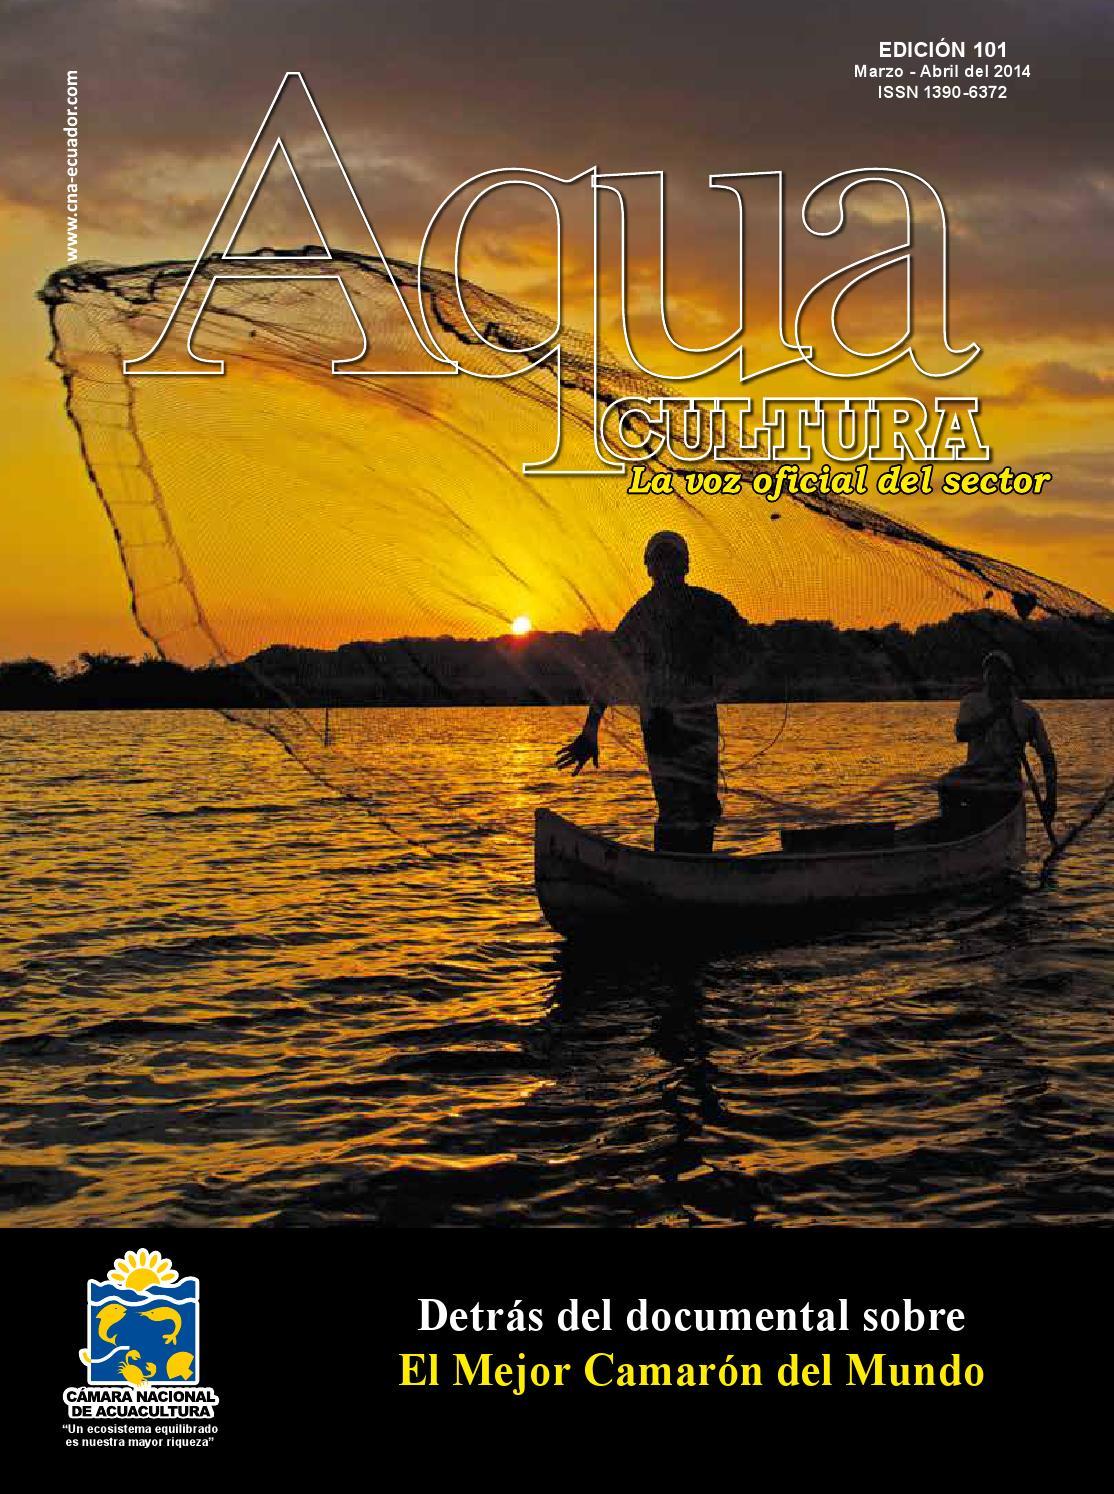 AQUA Cultura, edición # 101 by REVISTA AQUACULTURA - Cámara Nacional ...